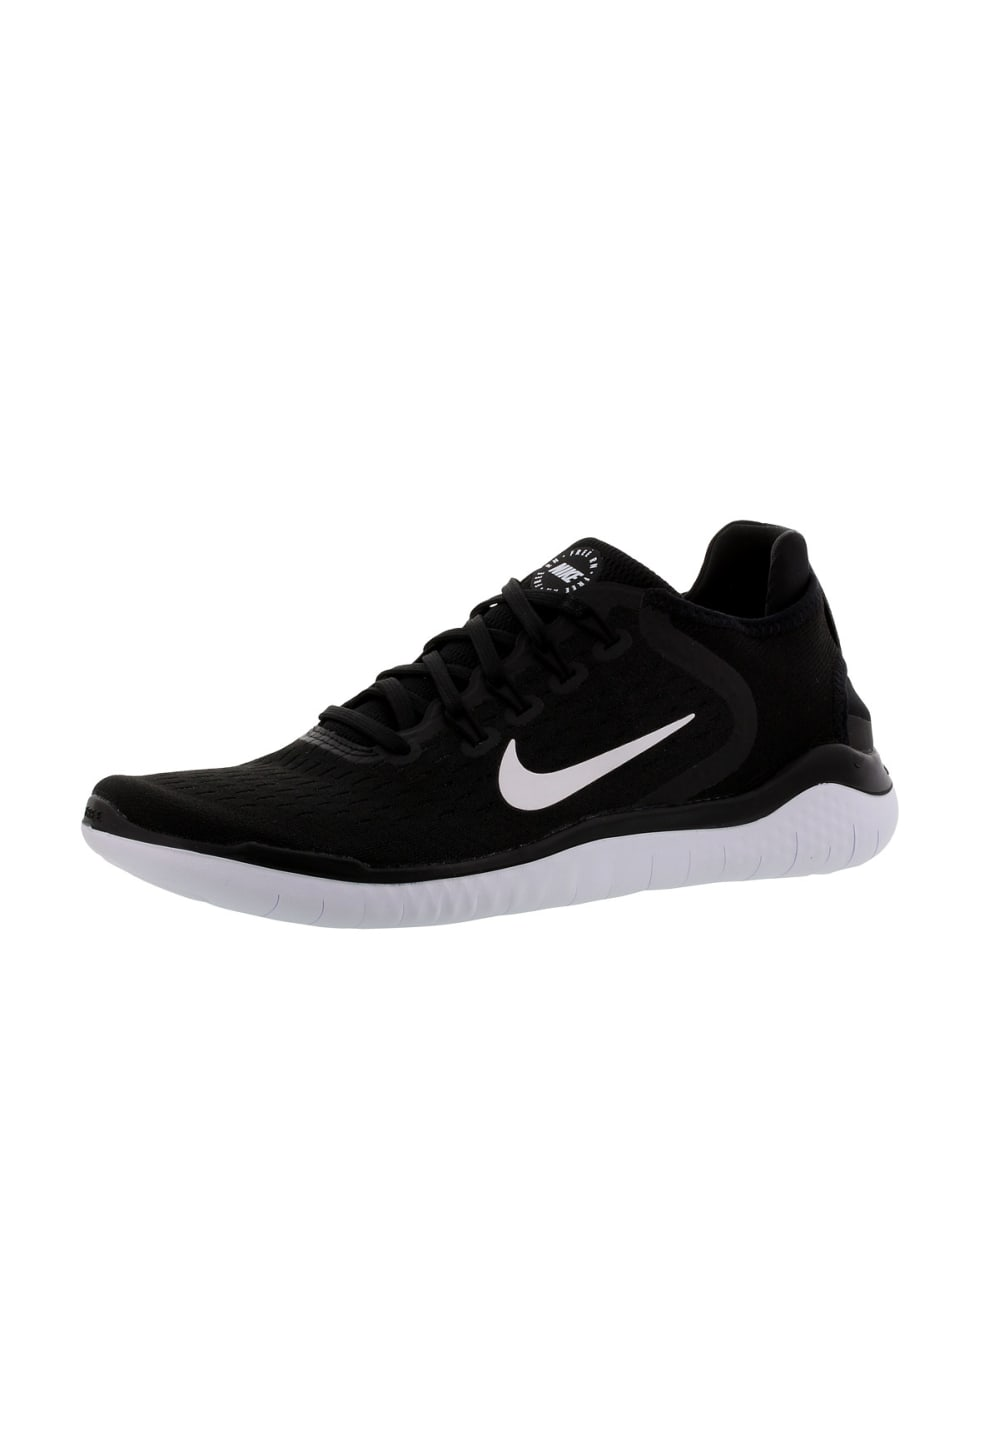 Nike Free RN 2018 - Laufschuhe für Damen - Schwarz